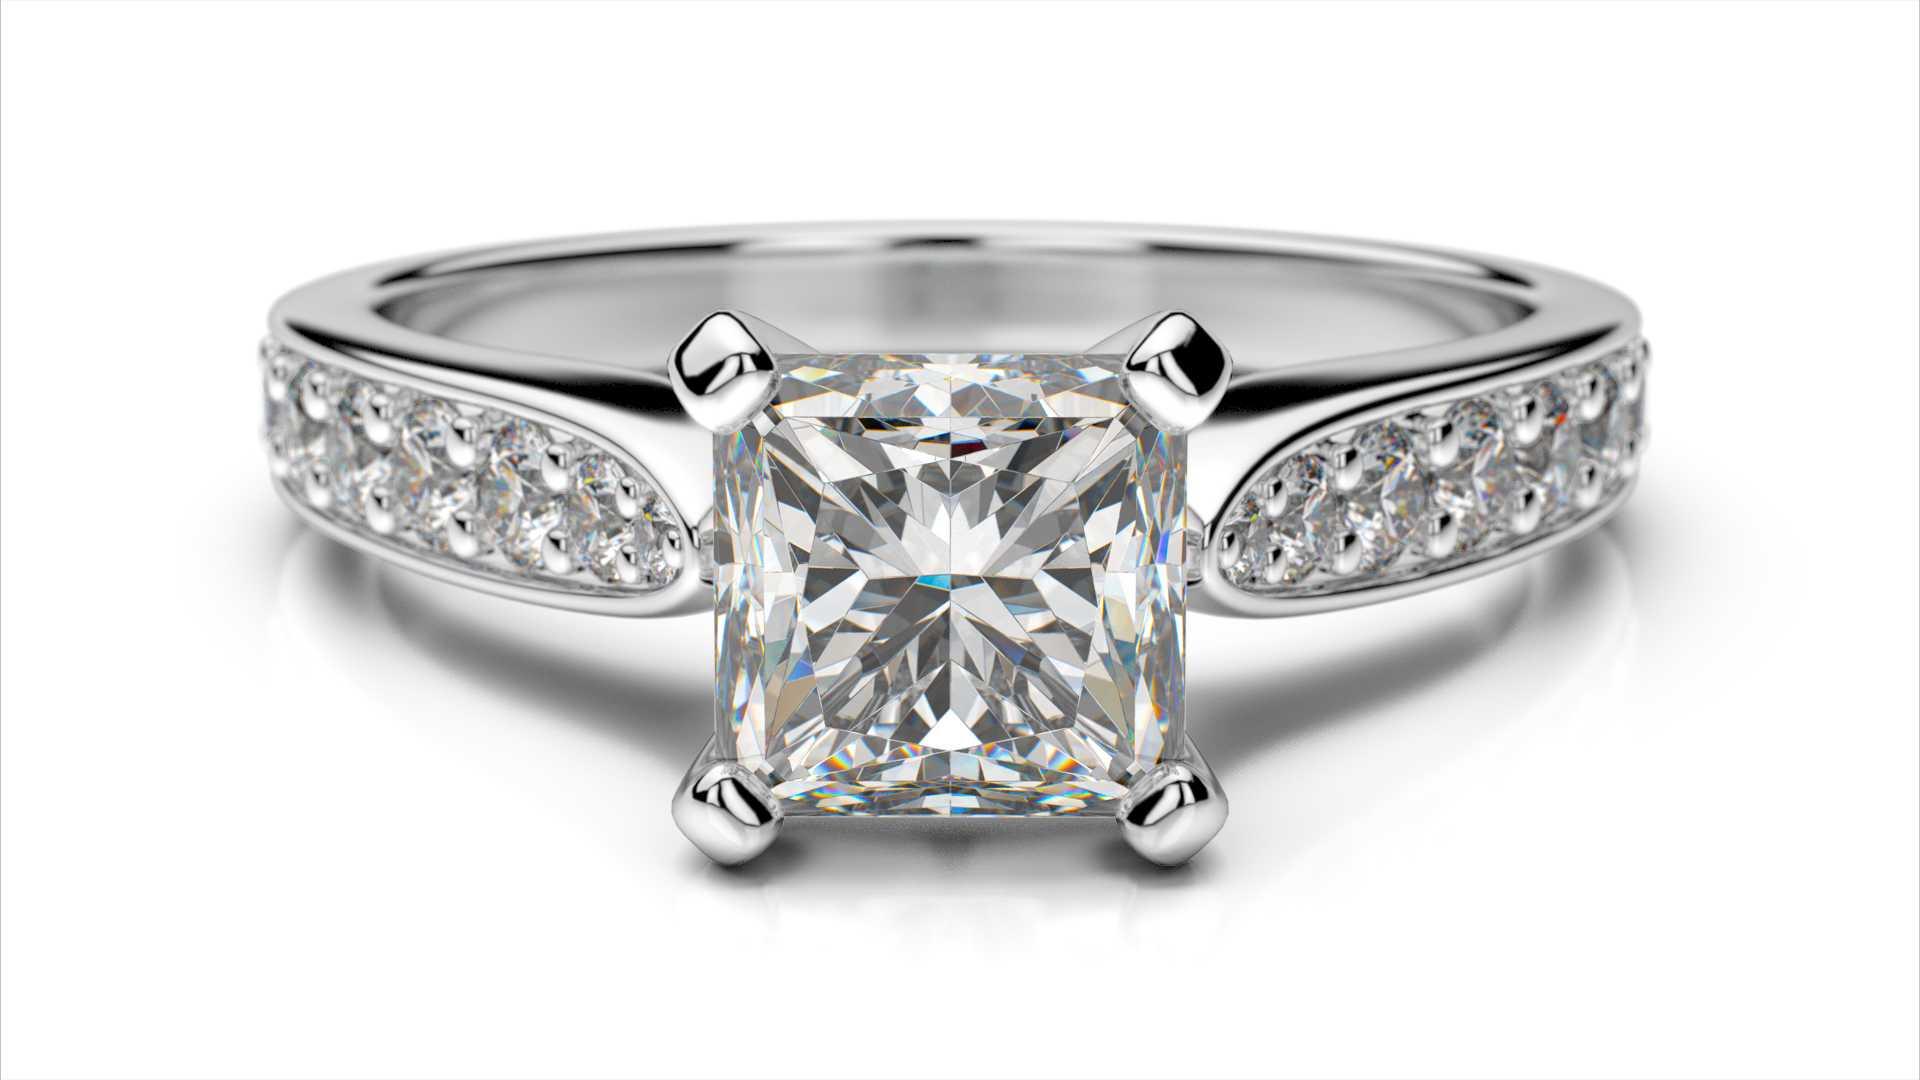 Zásnubné-prstene-biele-zlato-prsteň-s-diamantom-ZS-10-WG-PR-1 ... 56394ffe28c